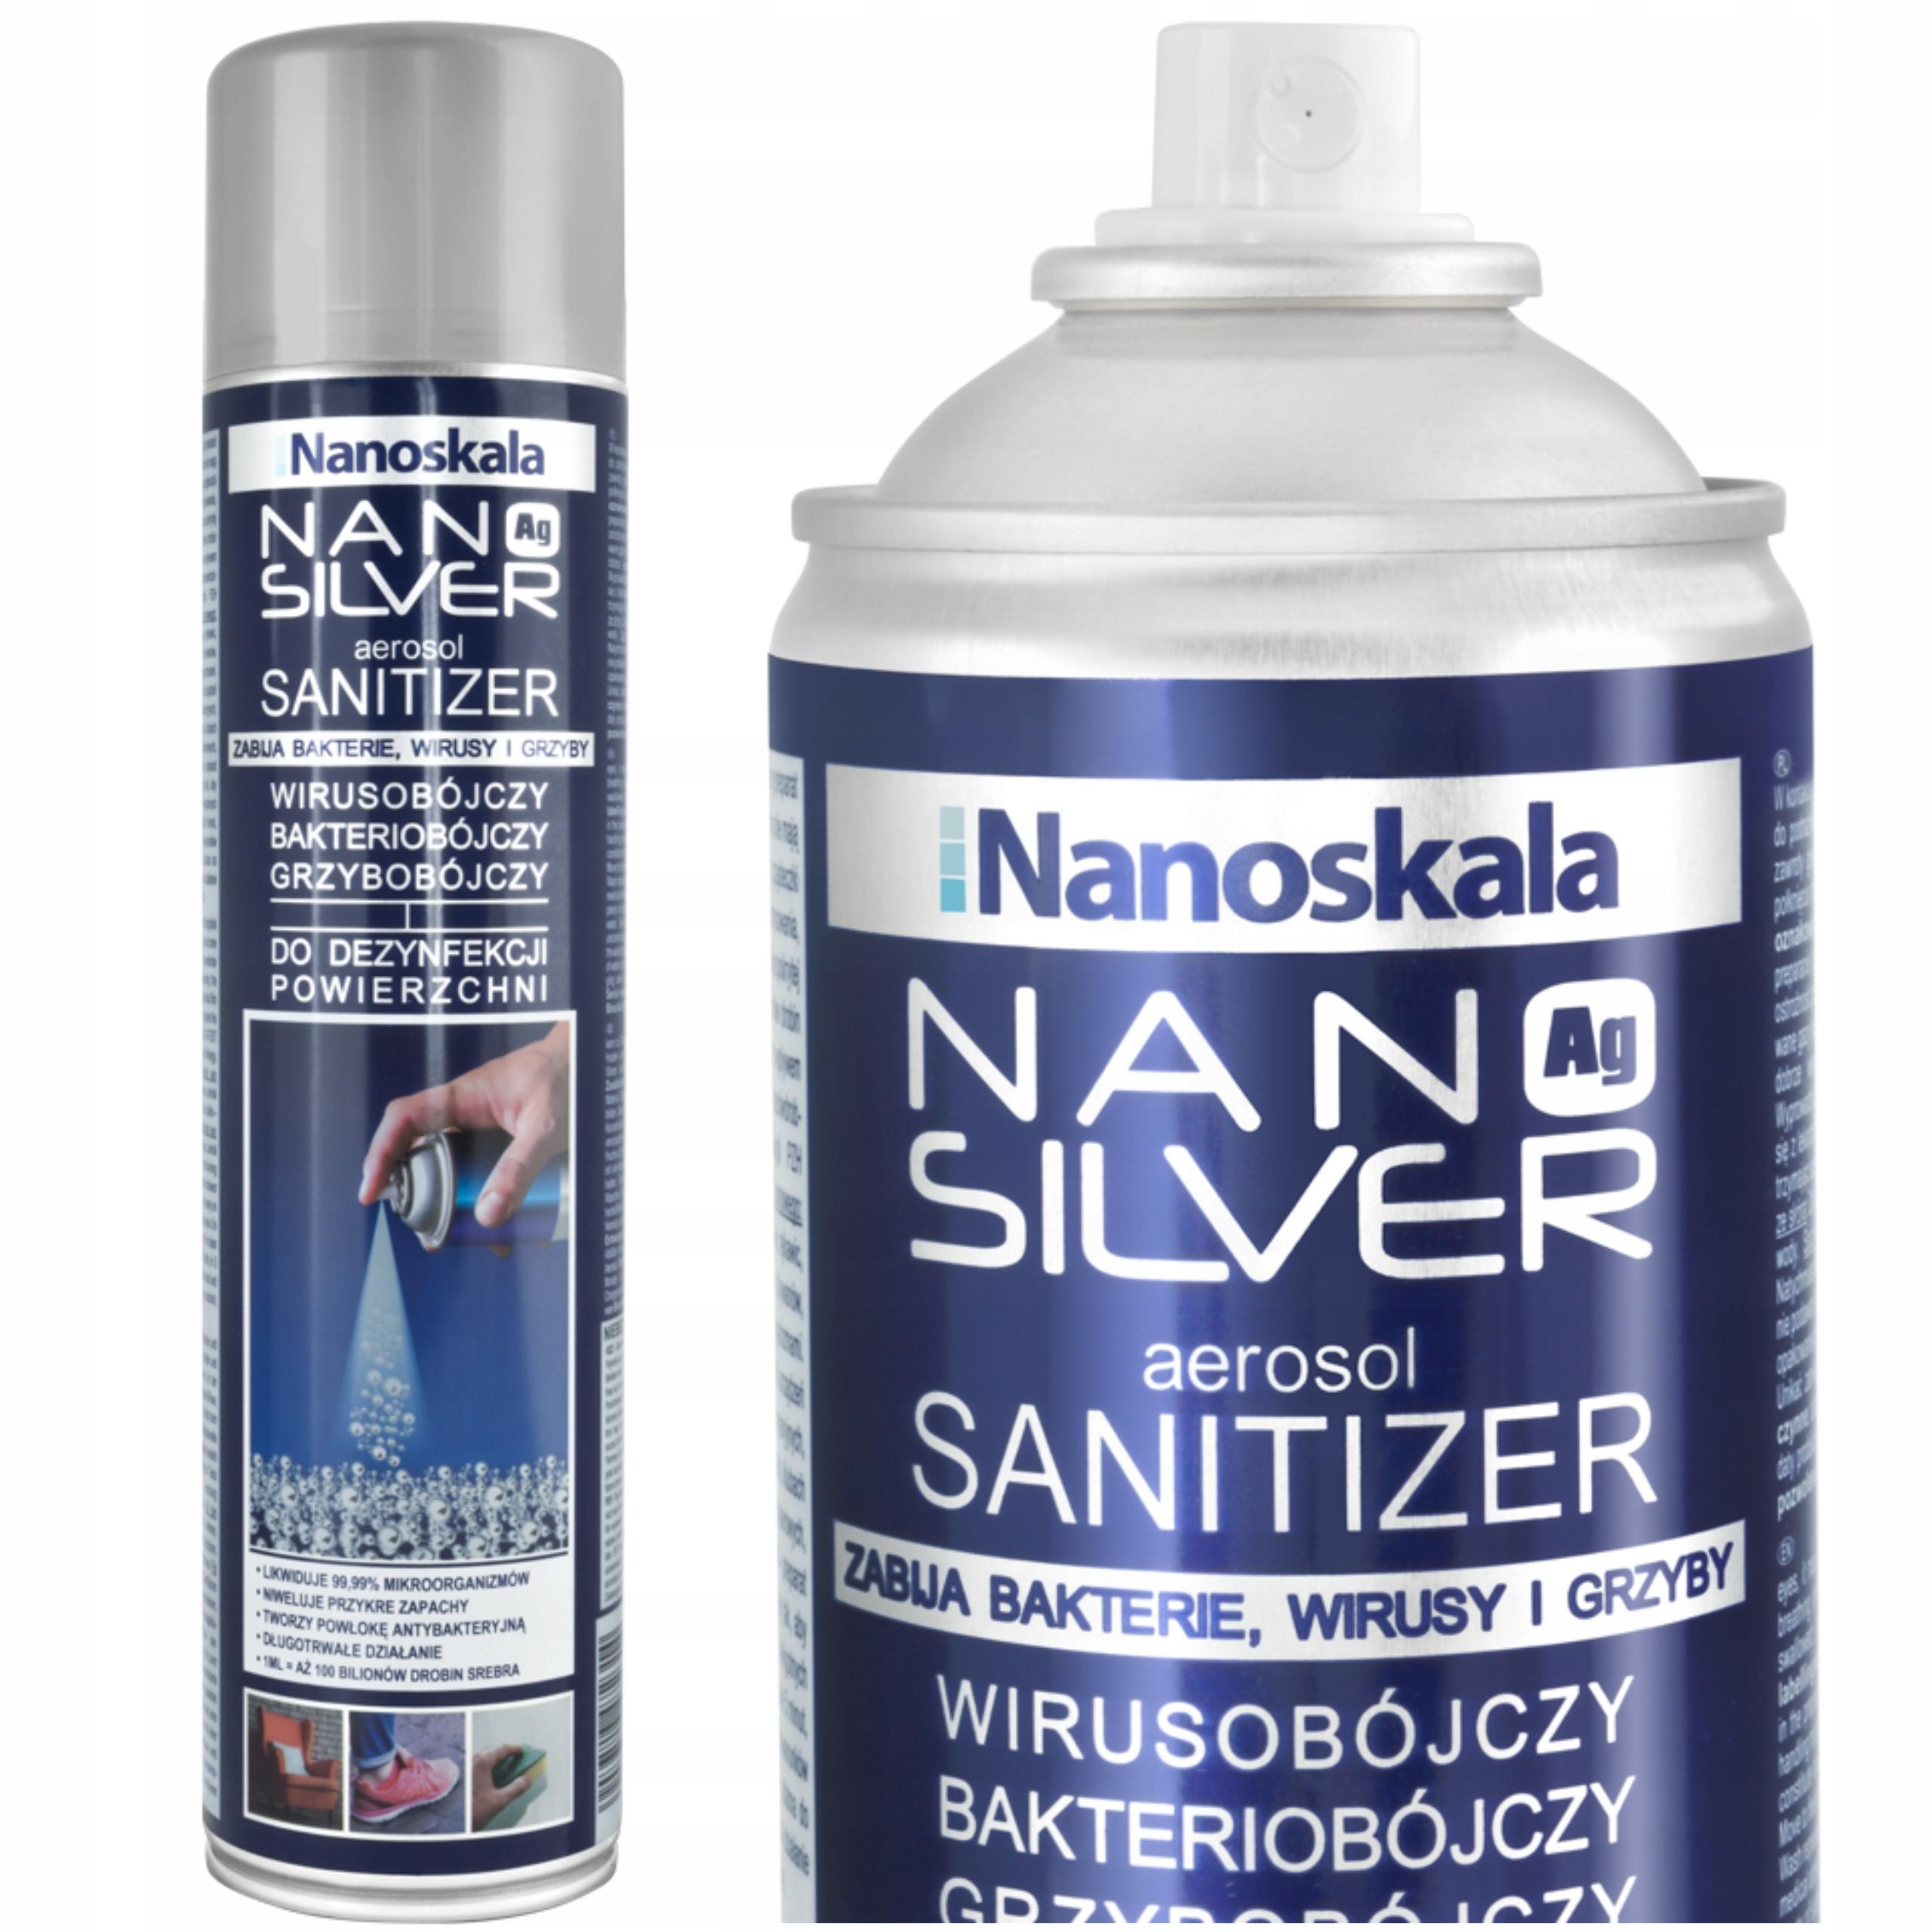 Dezinfekcia topánok s pridaním Nano Silver / Works